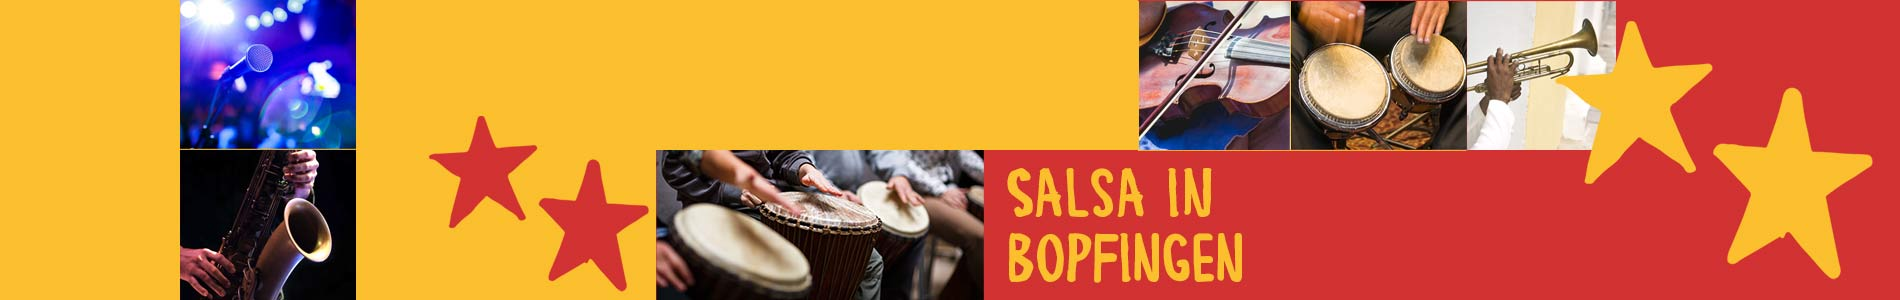 Salsa in Bopfingen – Salsa lernen und tanzen, Tanzkurse, Partys, Veranstaltungen